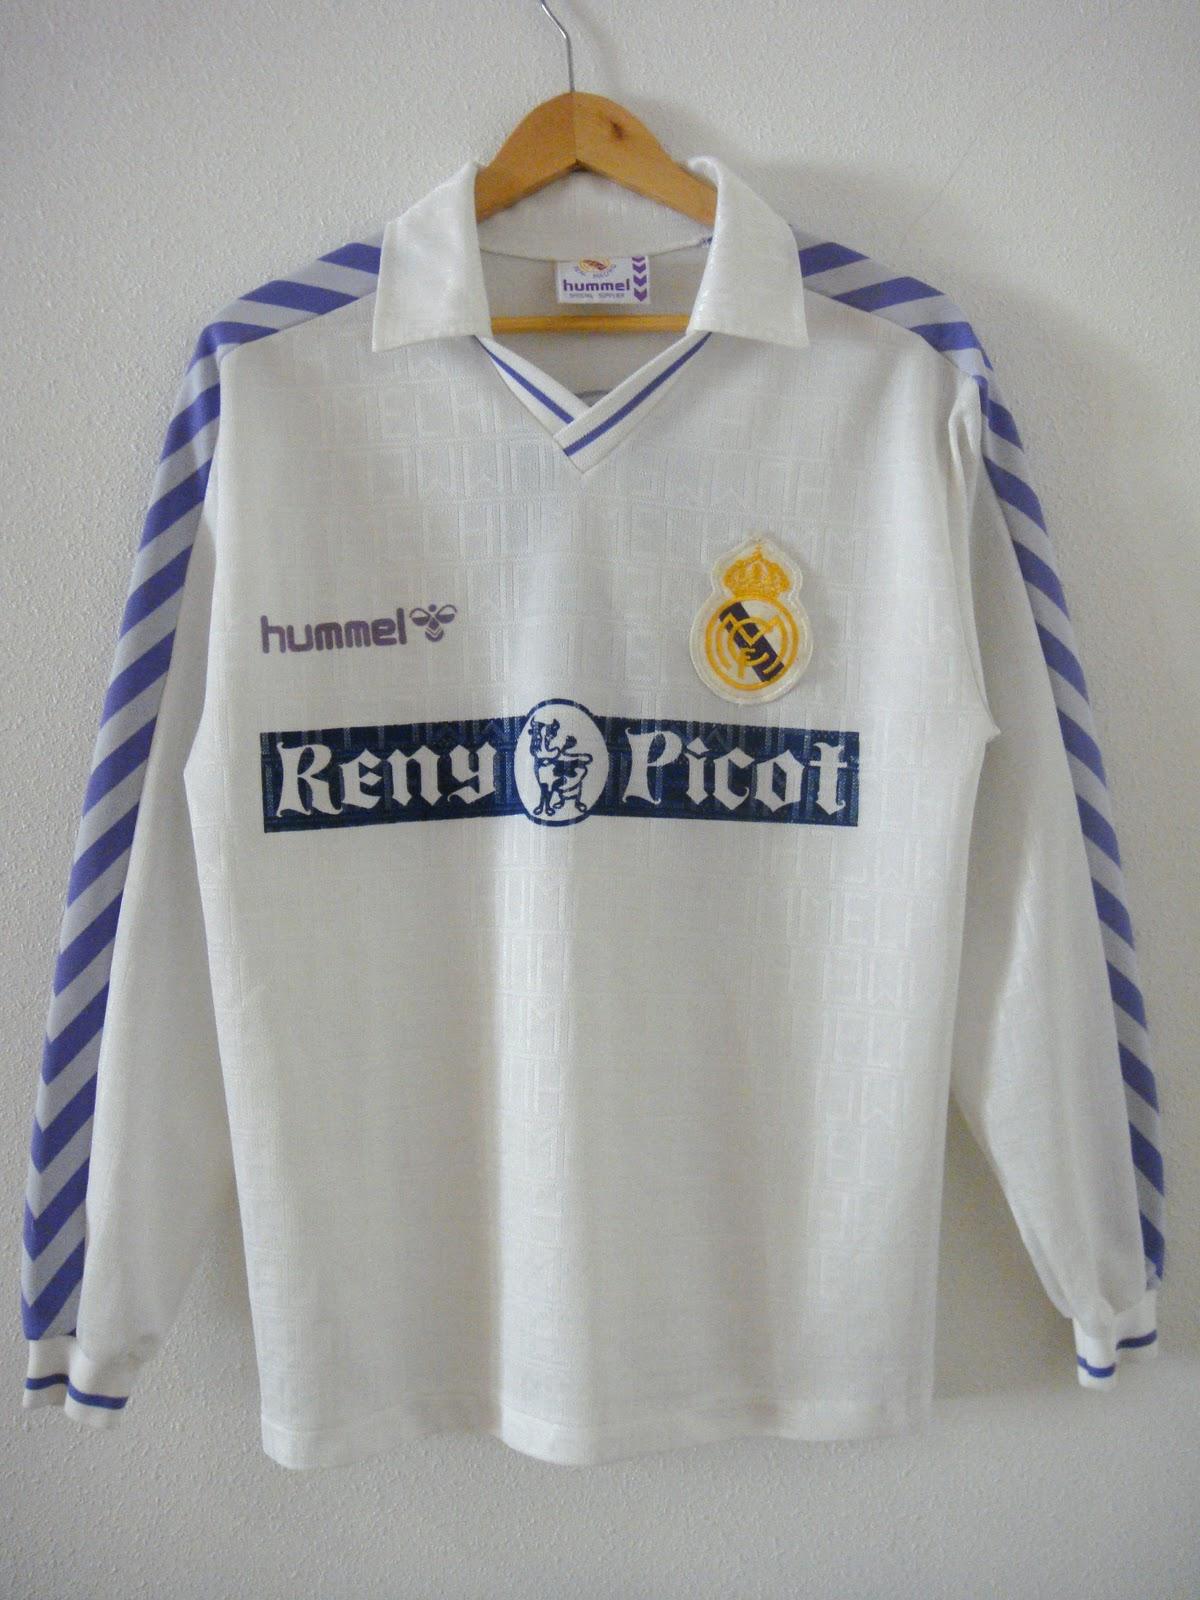 La temporada 1989-90 presenta como una de las principales novedades el  cambio de sponsor publicitario. Reny Picot pasa a ocupar el pecho de una  camiseta ... 25347cfb358dd